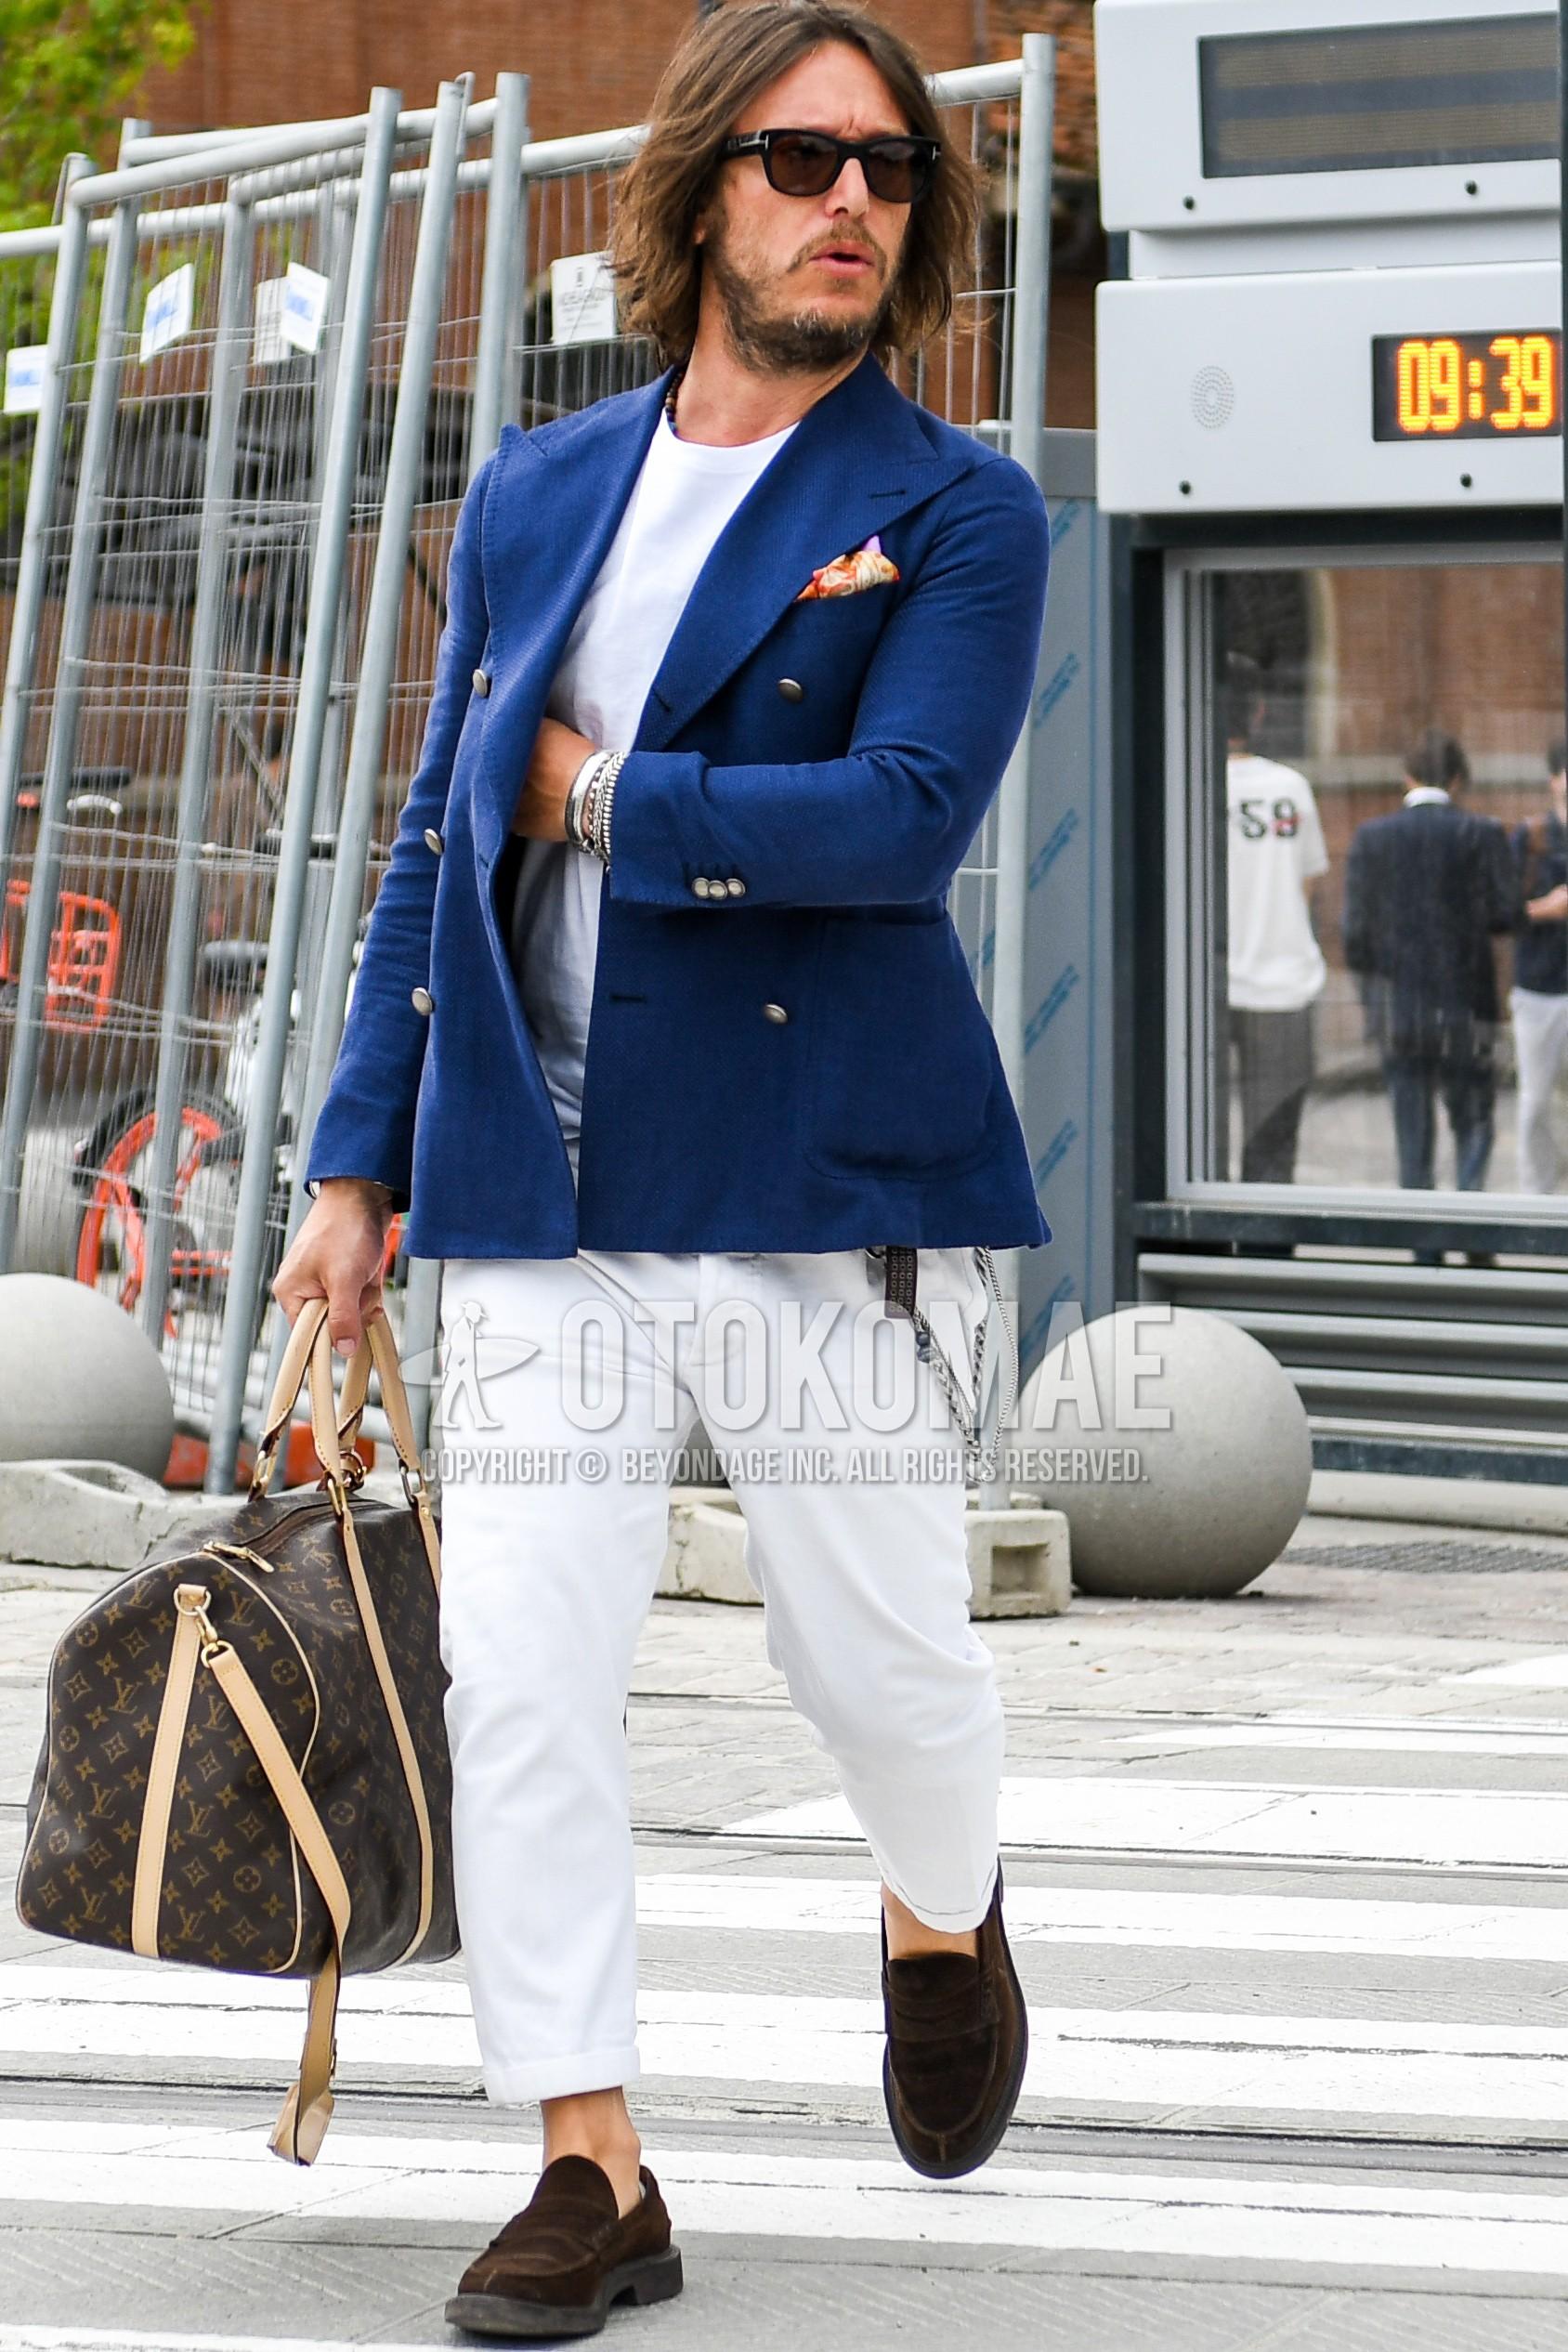 無地のサングラス、ネイビー無地のテーラードジャケット、白無地のTシャツ、白無地のコットンパンツ、ブラウンコインローファーの革靴、ブラウンスエードシューズの革靴、ヴィトンのブラウン無地のブリーフケース/ハンドバッグを合わせた春夏秋のメンズコーデ・着こなし。